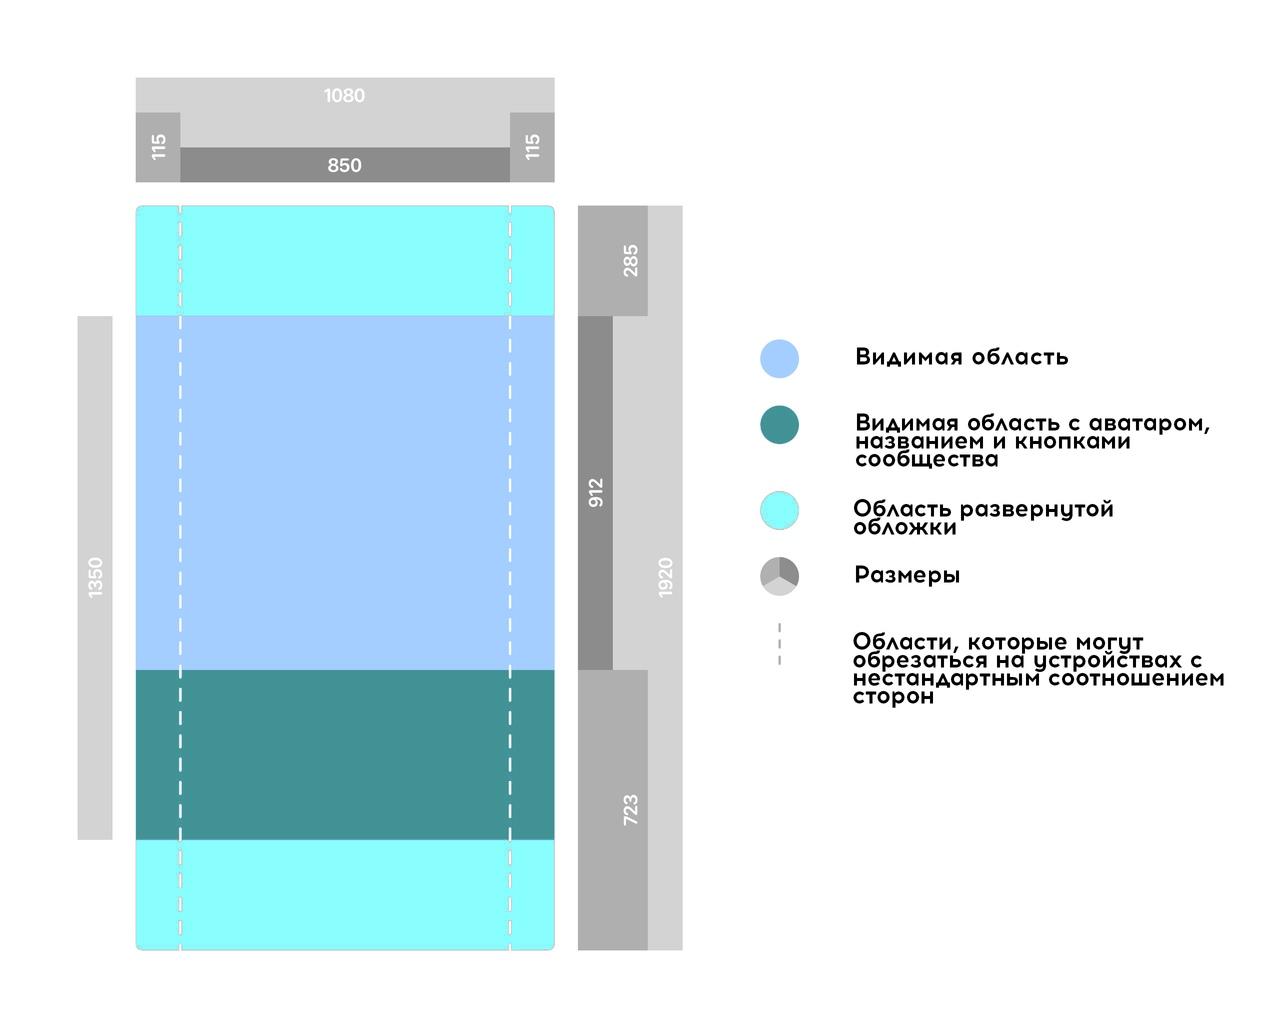 Размеры макетов для оформления пабликов и групп ВКонтакте, изображение №3